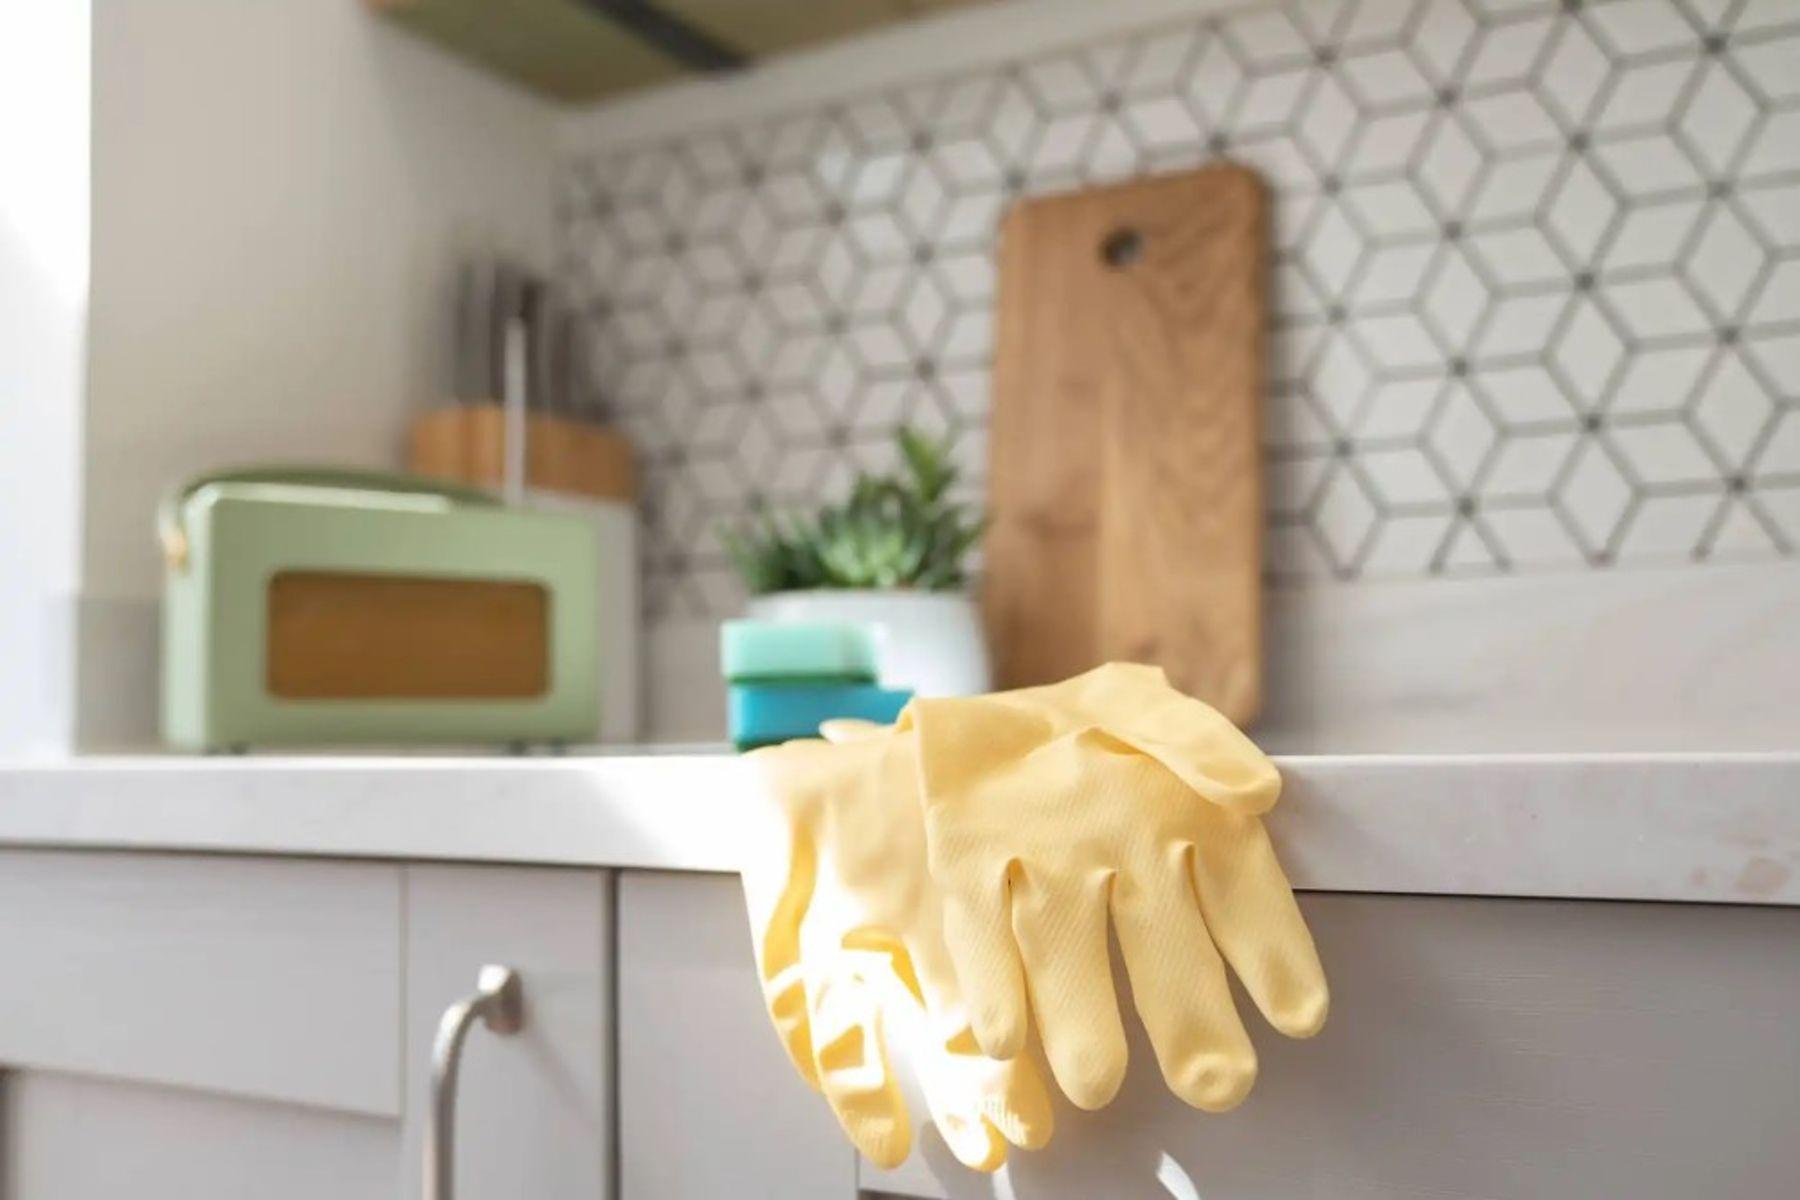 Temiz Mutfak Tezgahı ve Bulaşık Eldivenleri